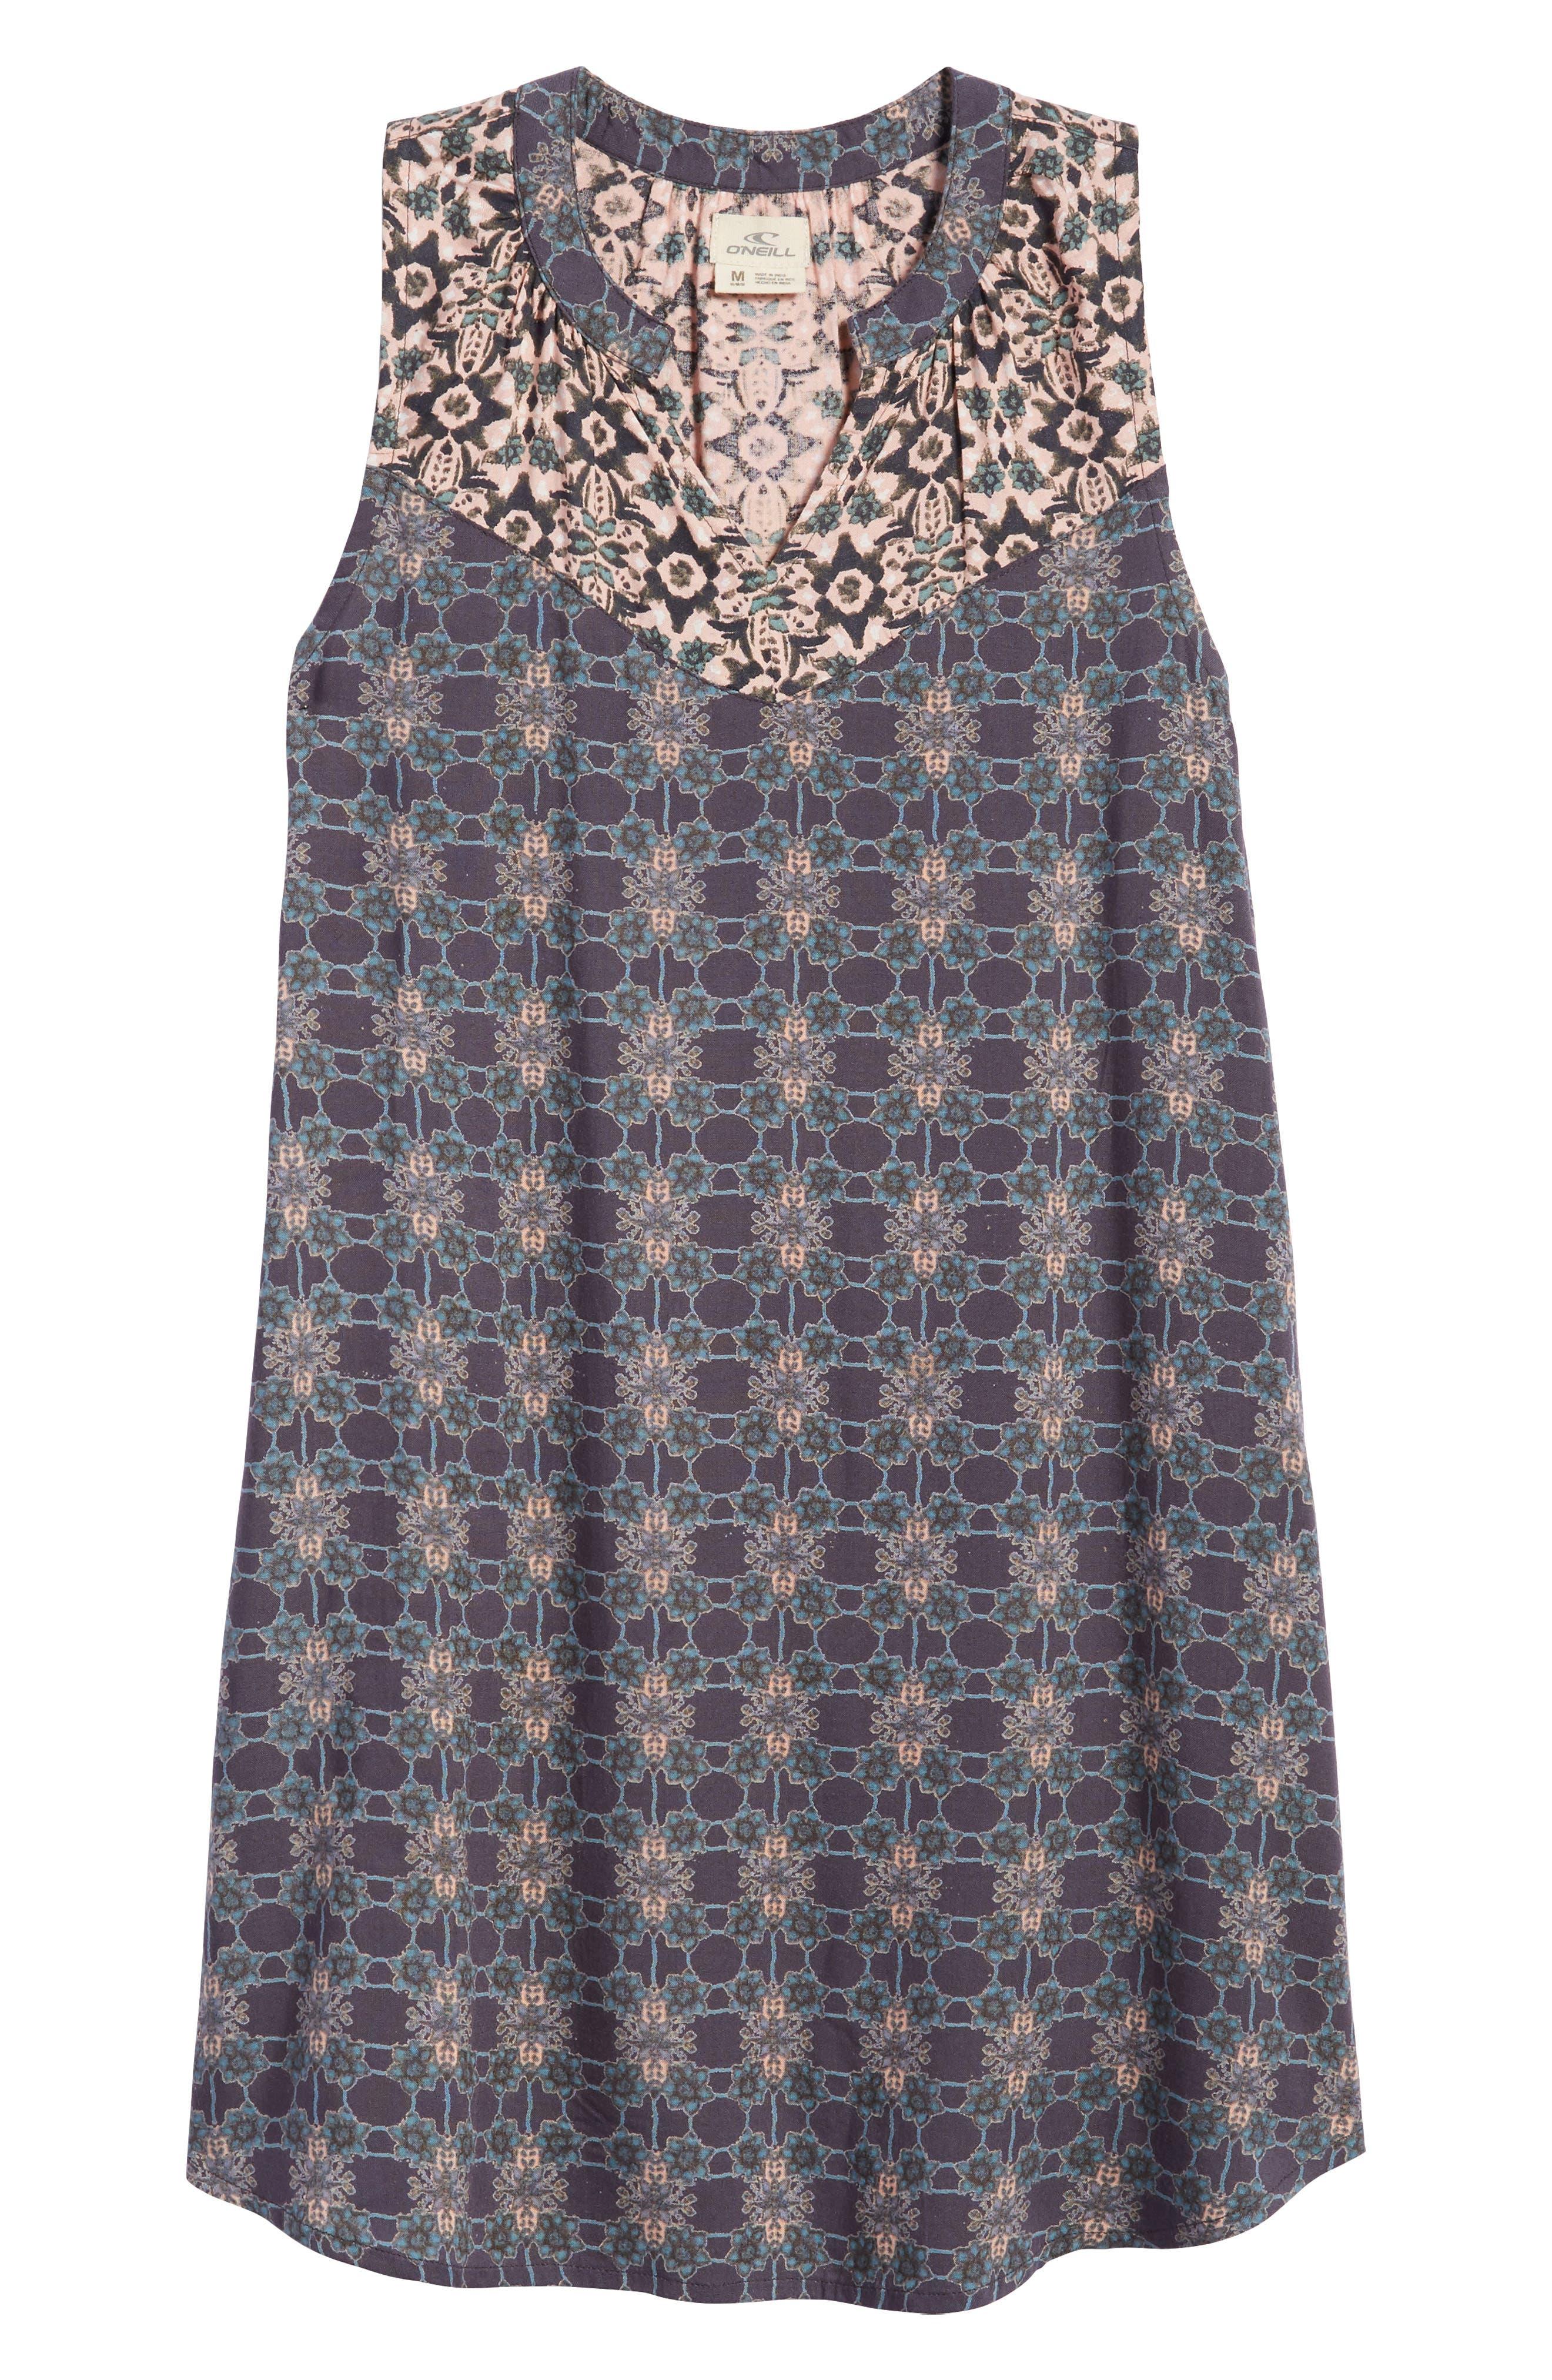 Gina Mixed Print Dress,                             Main thumbnail 1, color,                             021